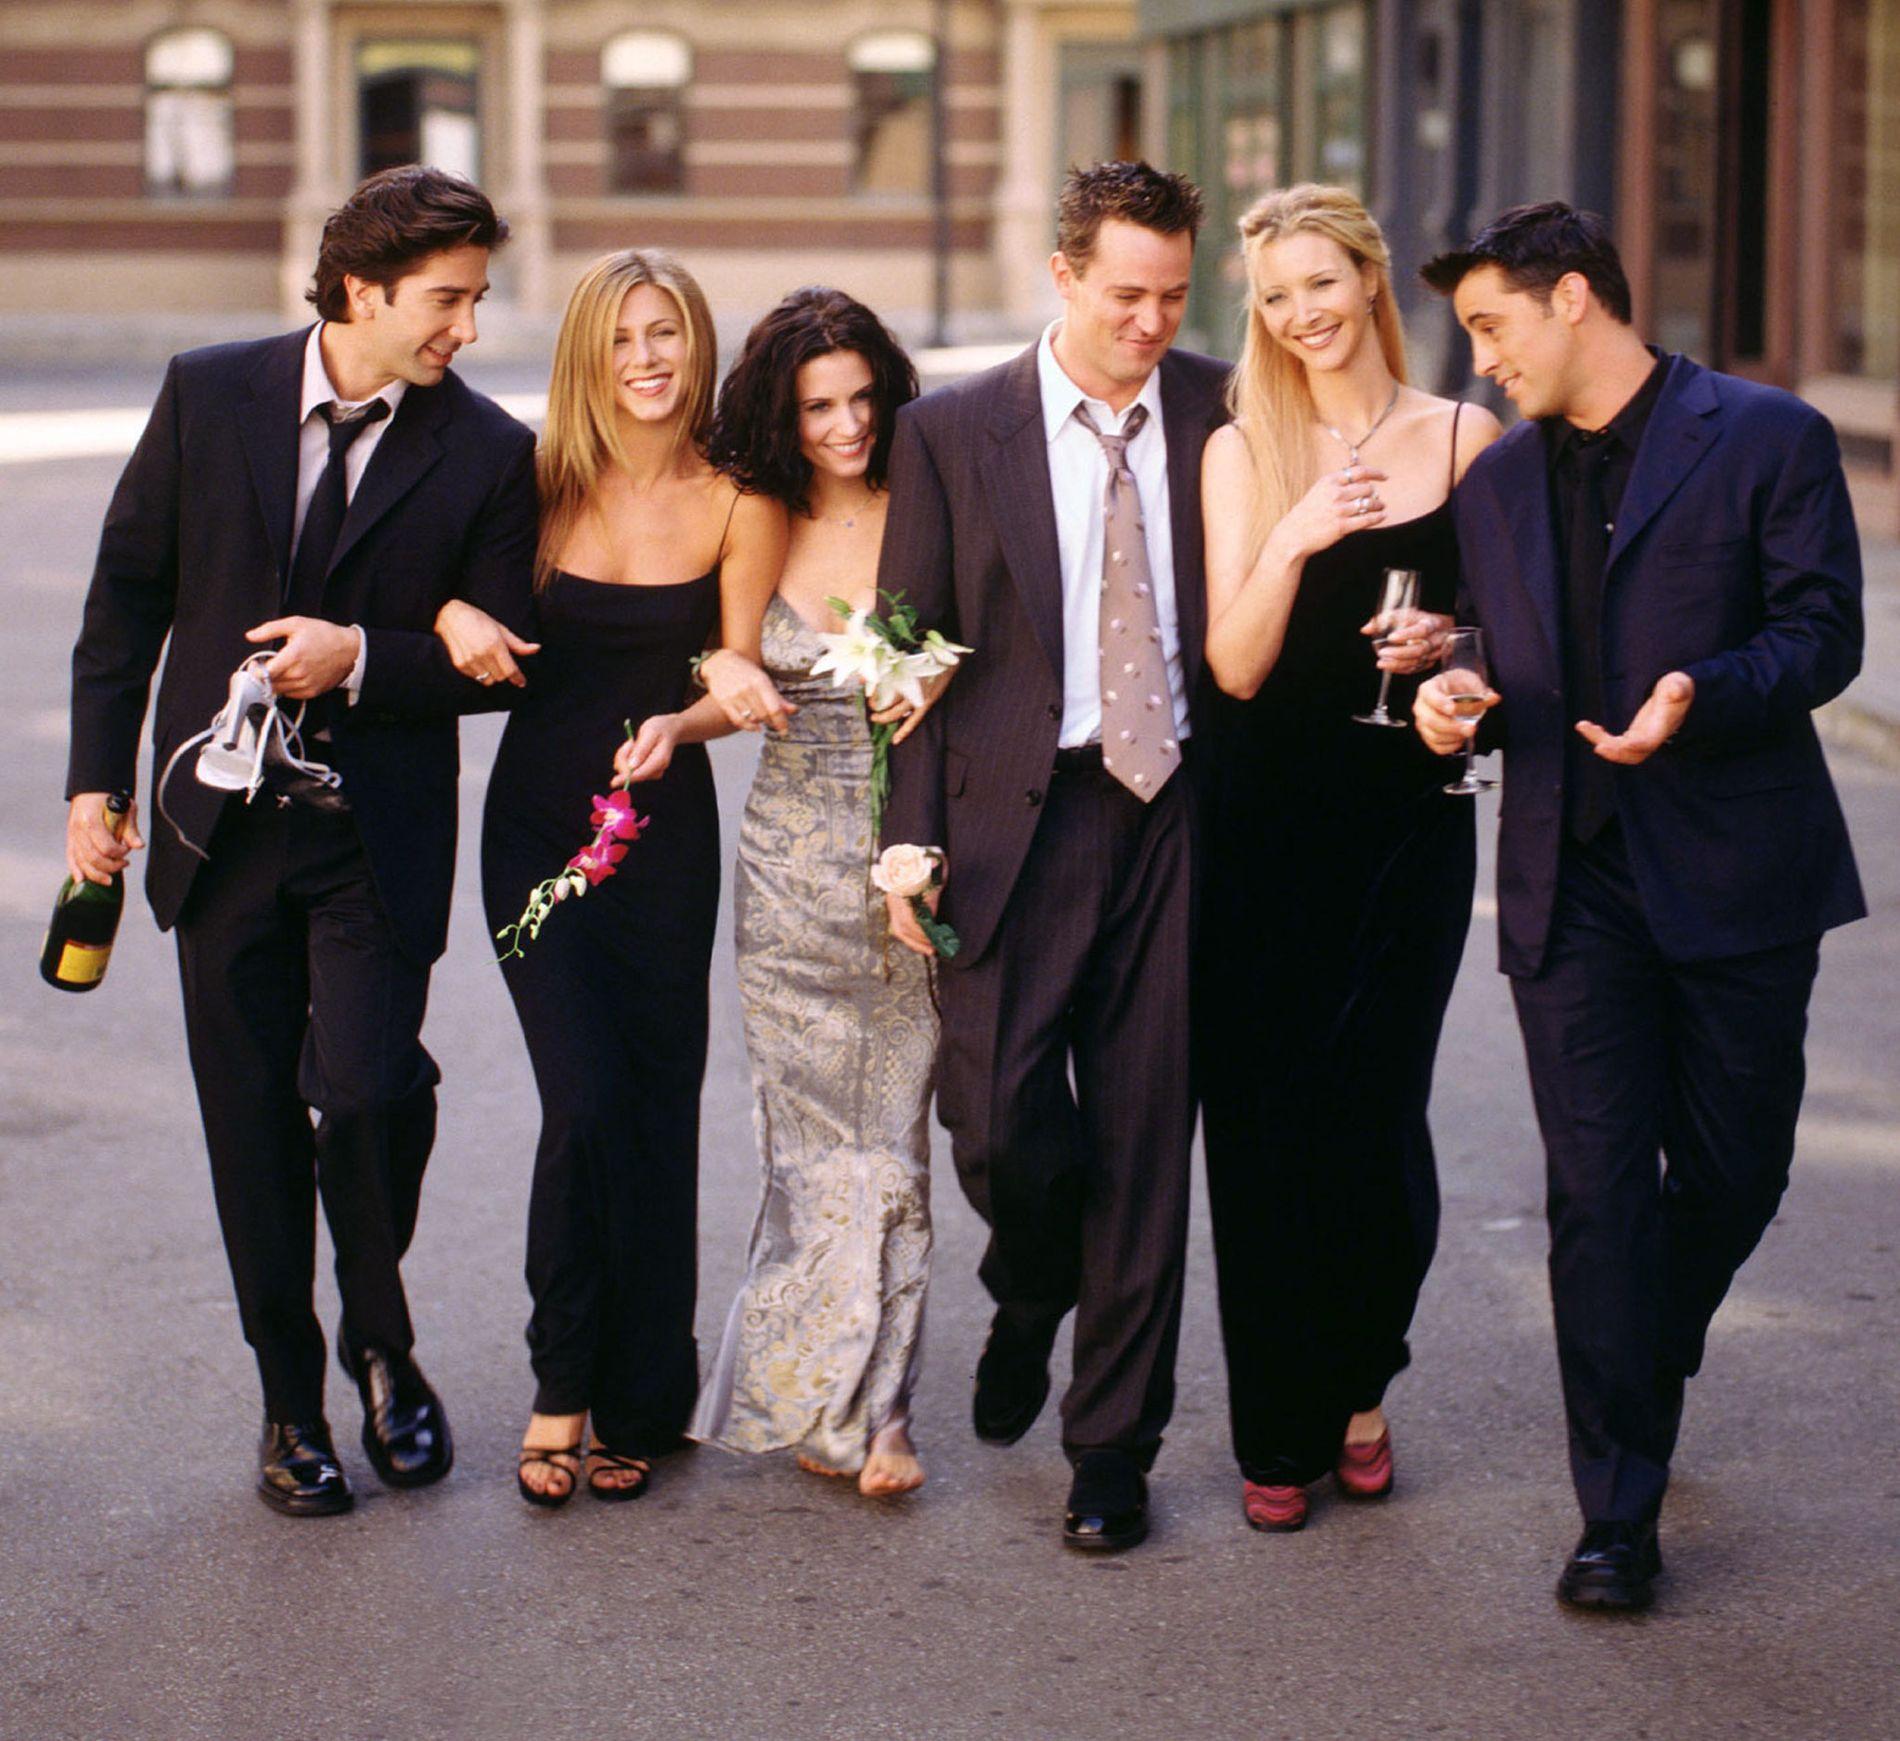 SLIK VI HUSKER DEM: Gjengen fra «Friends» slik vi husker dem. Fra venstre:  David Schwimmer, Jennifer Aniston, Courteney Cox, Matthew Perry, Lisa Kudrow and Matt LeBlanc